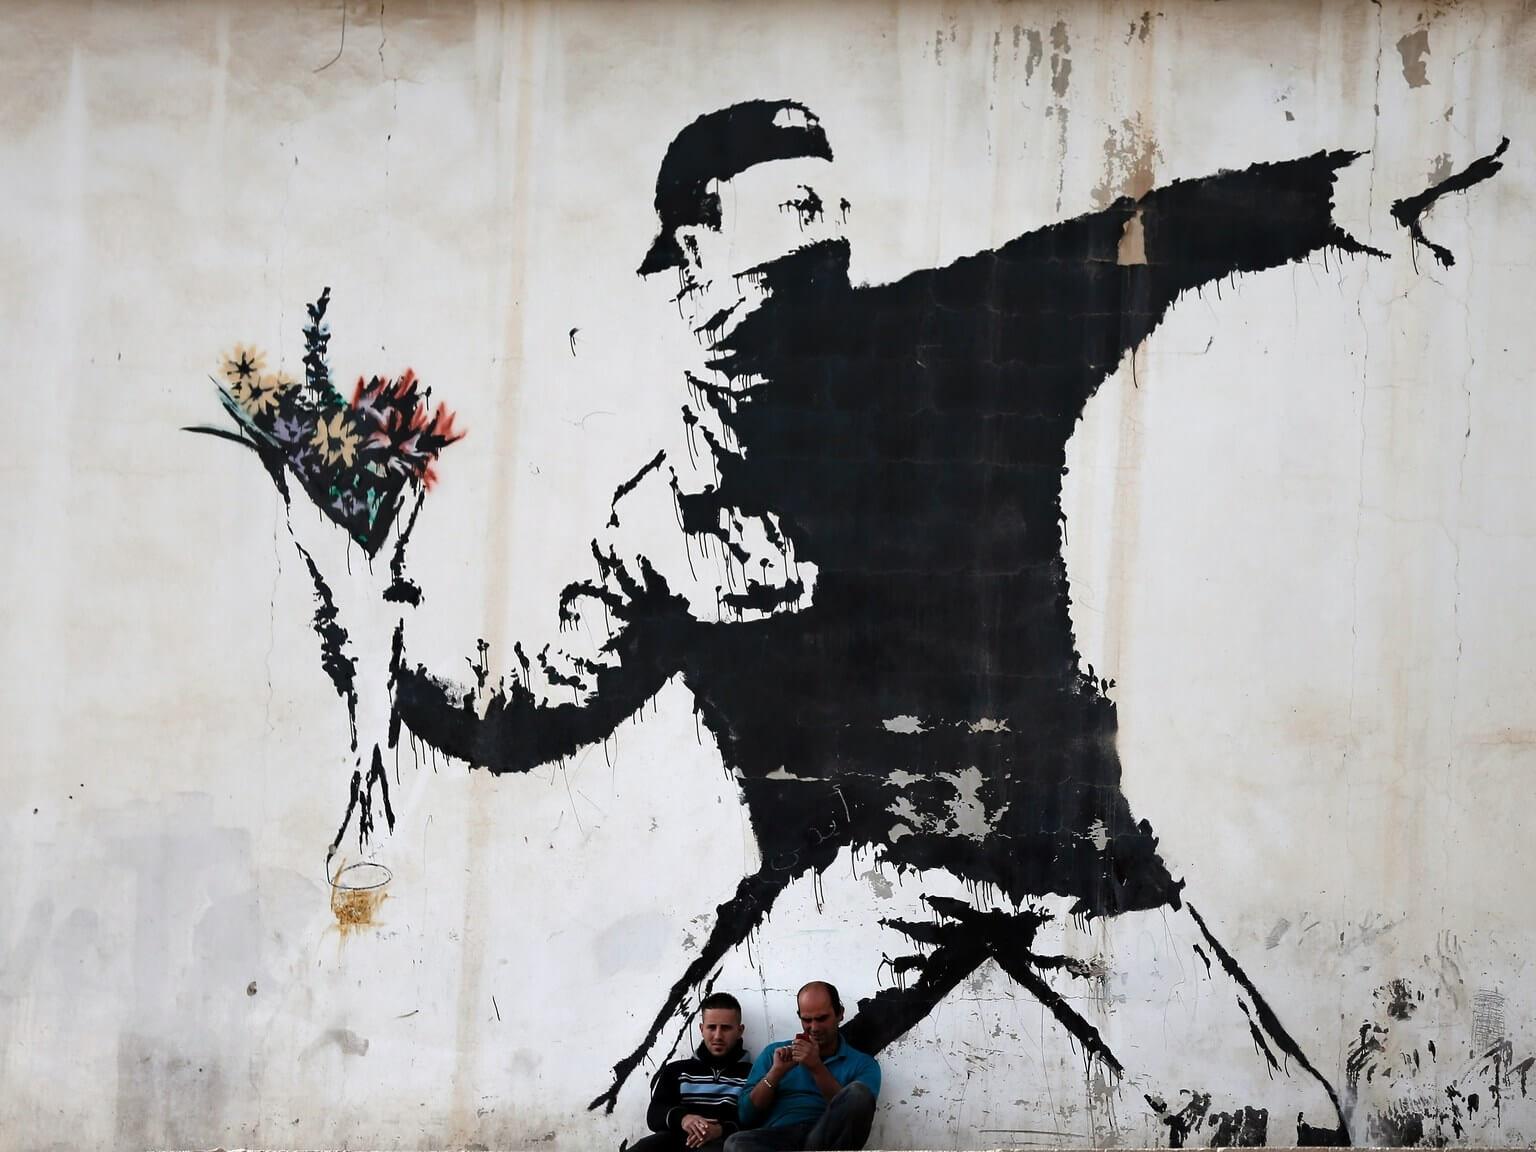 Joven lanzando flores de Banksy